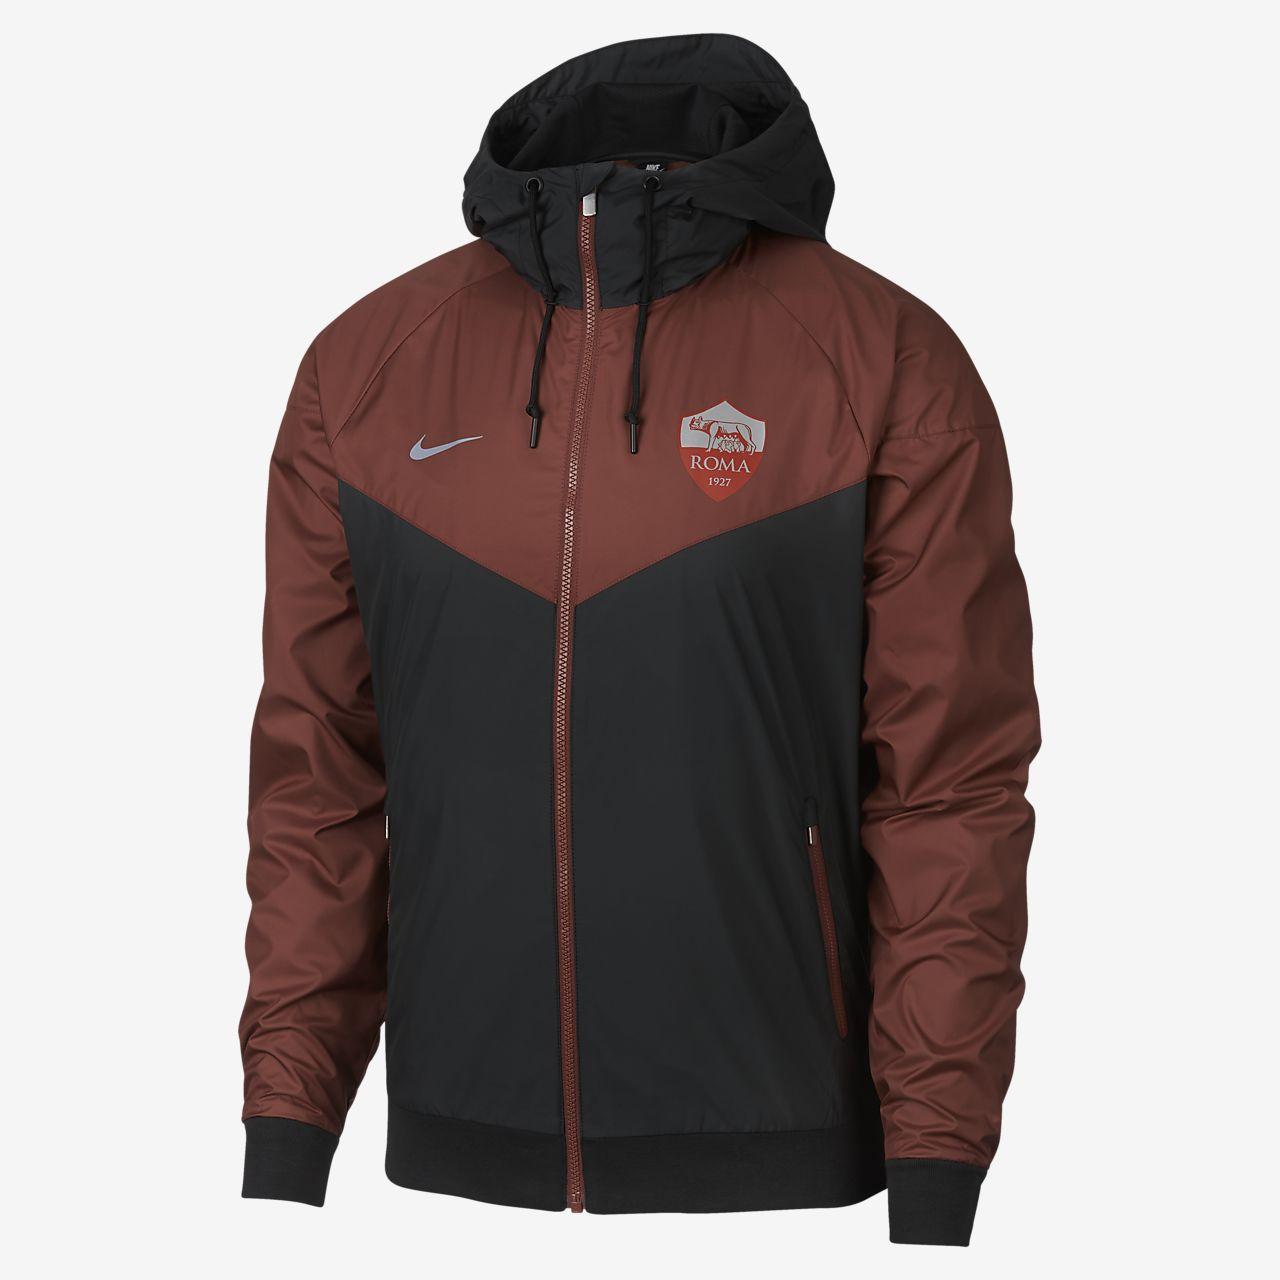 52ae199bc72 A.S. Roma Windrunner - jakke til mænd. Nike.com DK